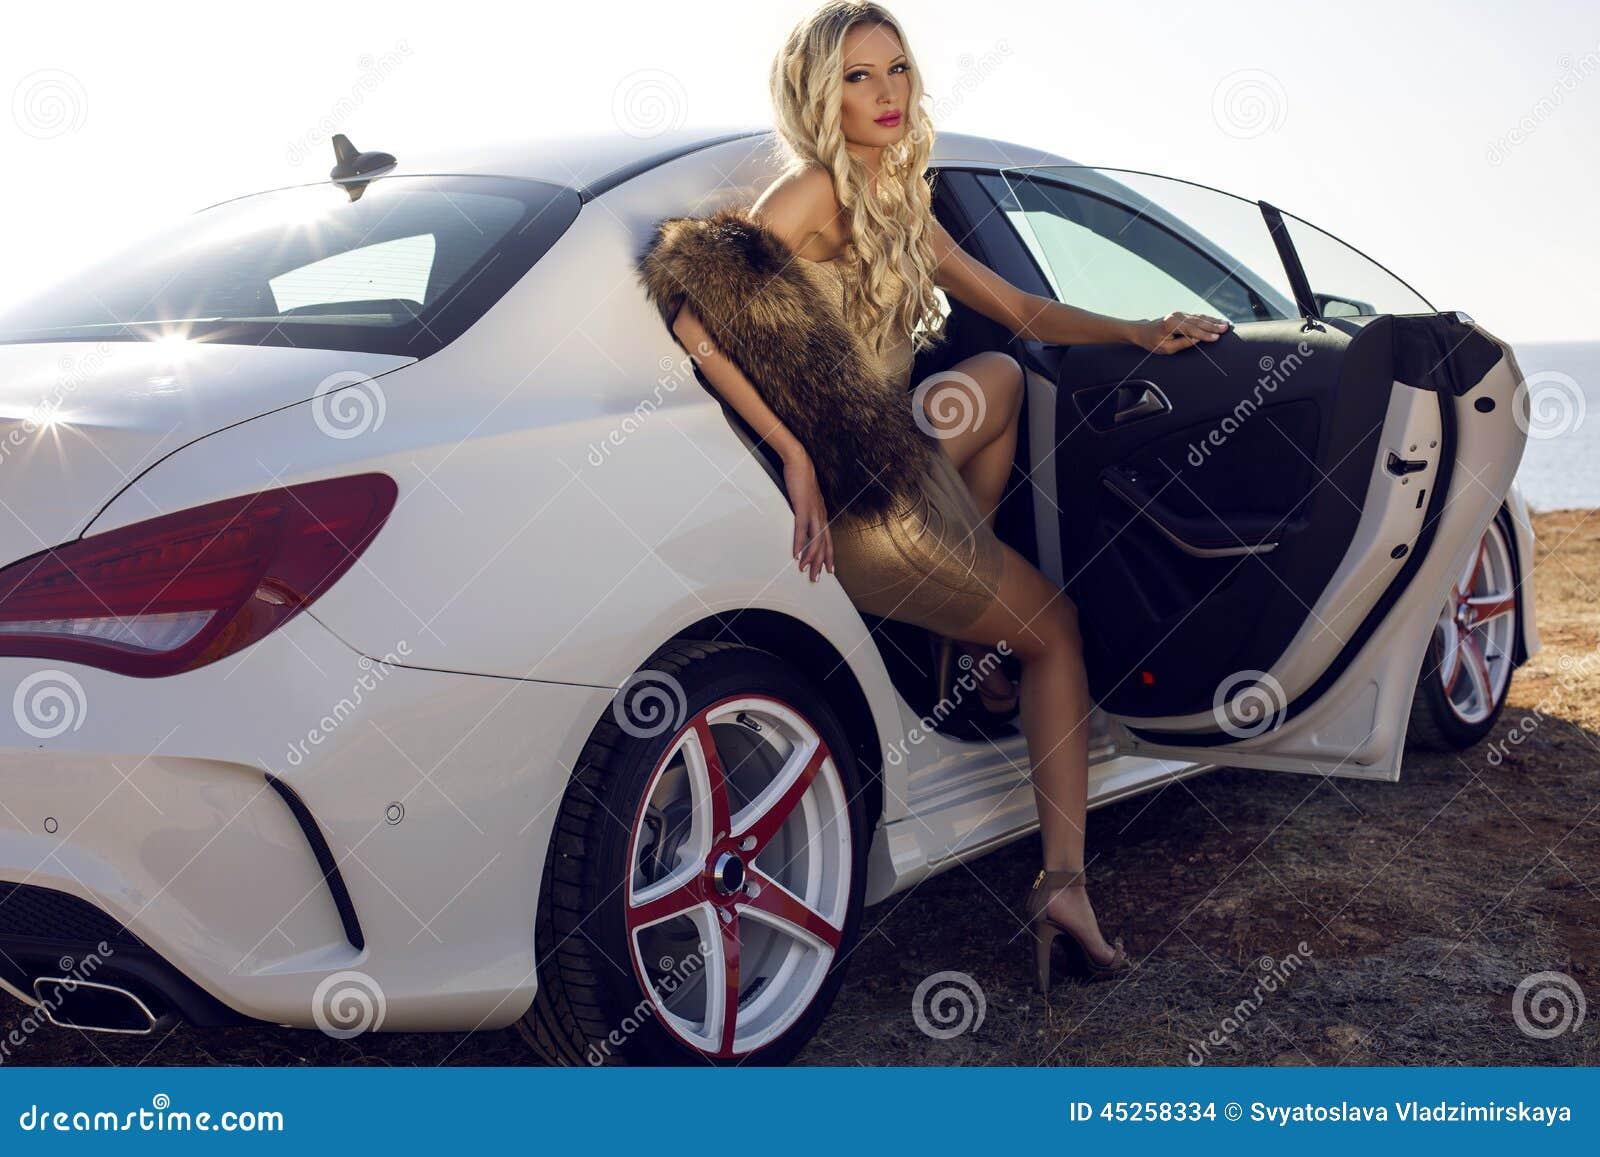 Une femme se fait plaisir avec le levier de vitesse de sa